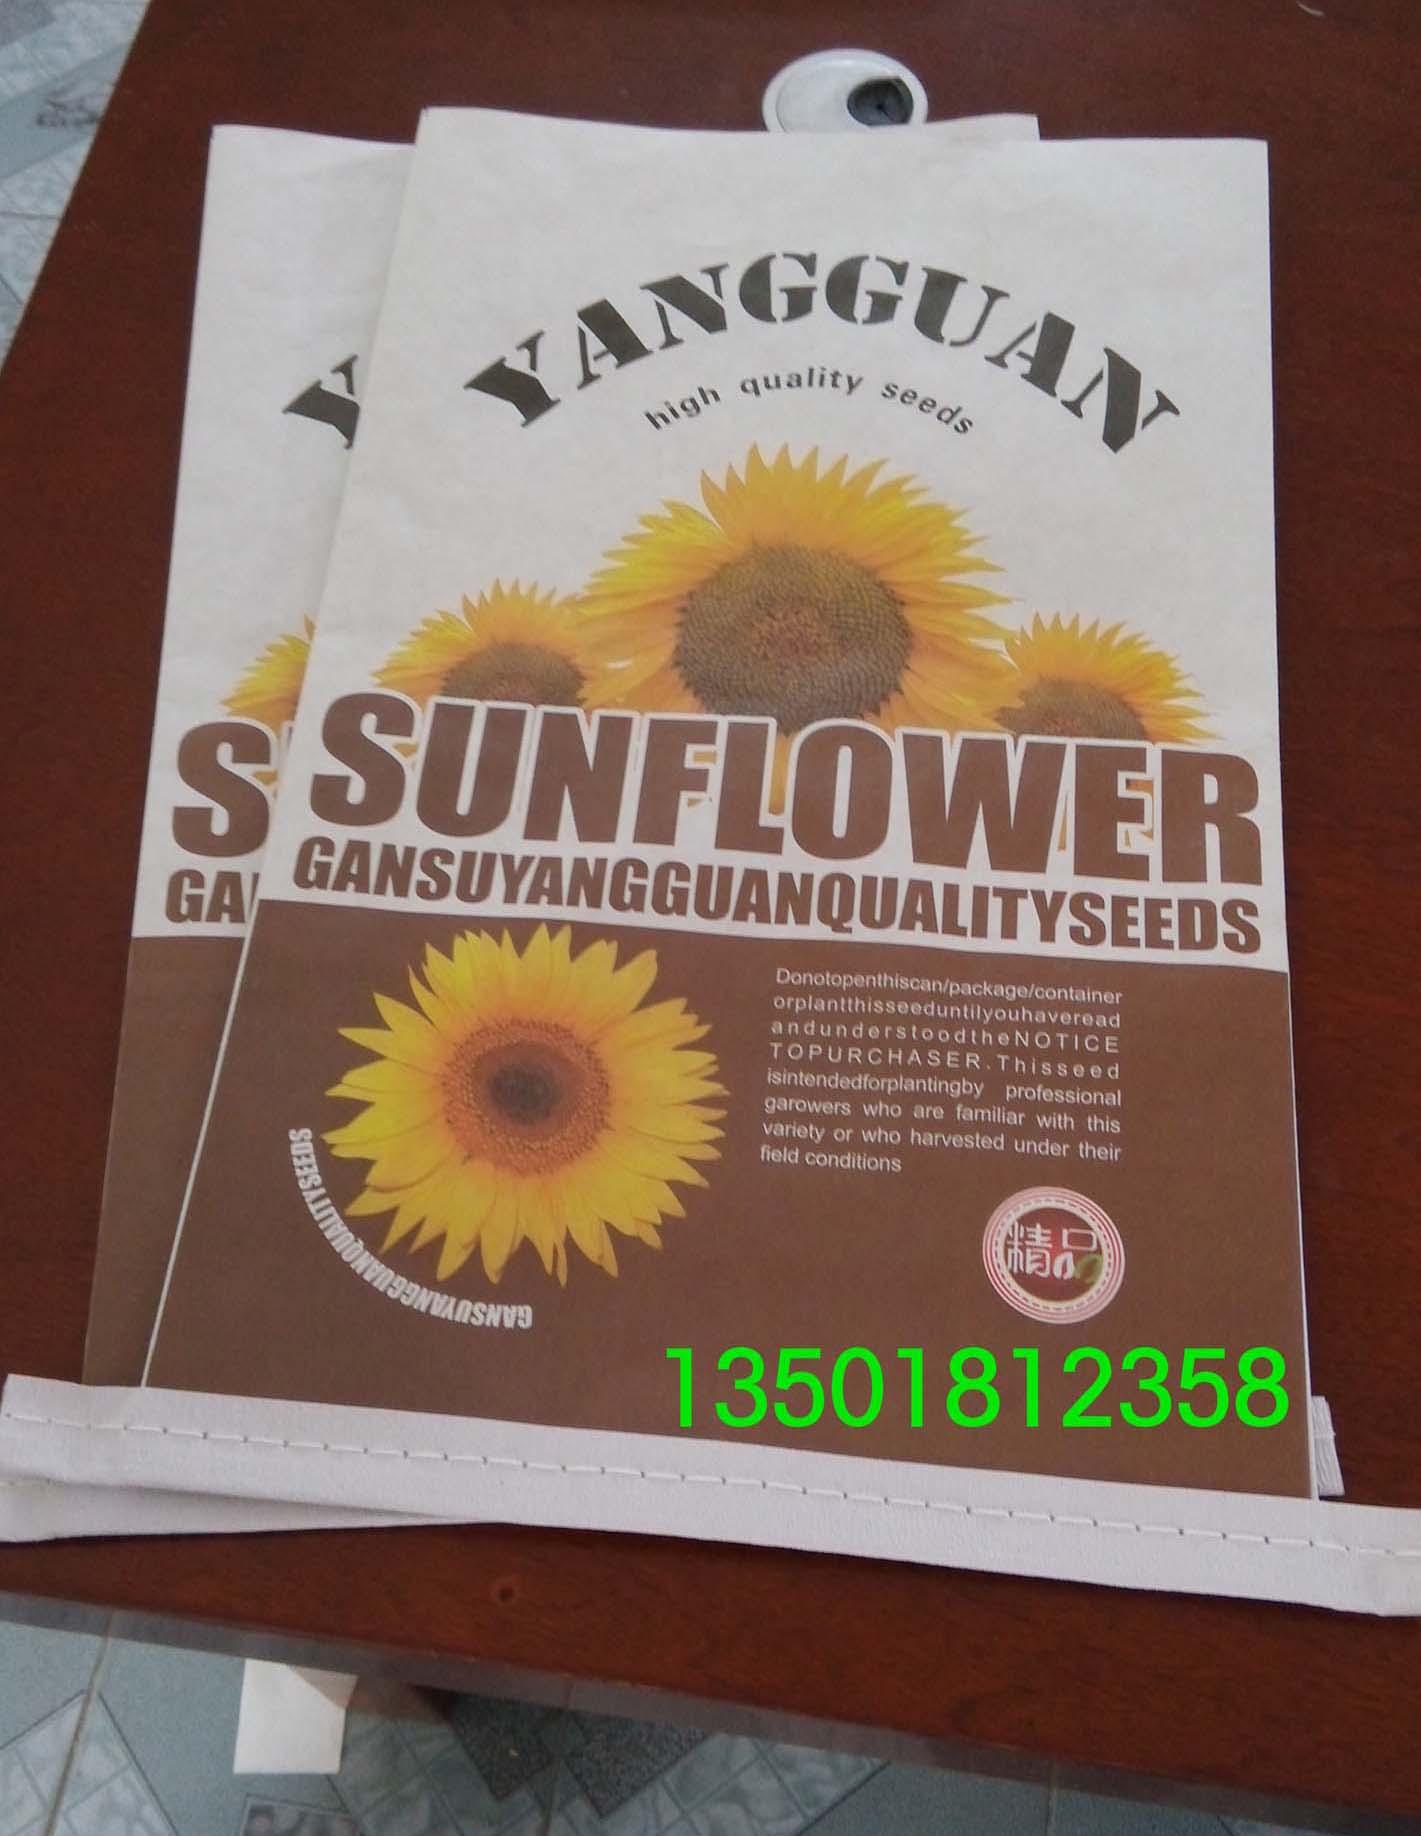 供应内蒙古甘肃葵花种子包装袋